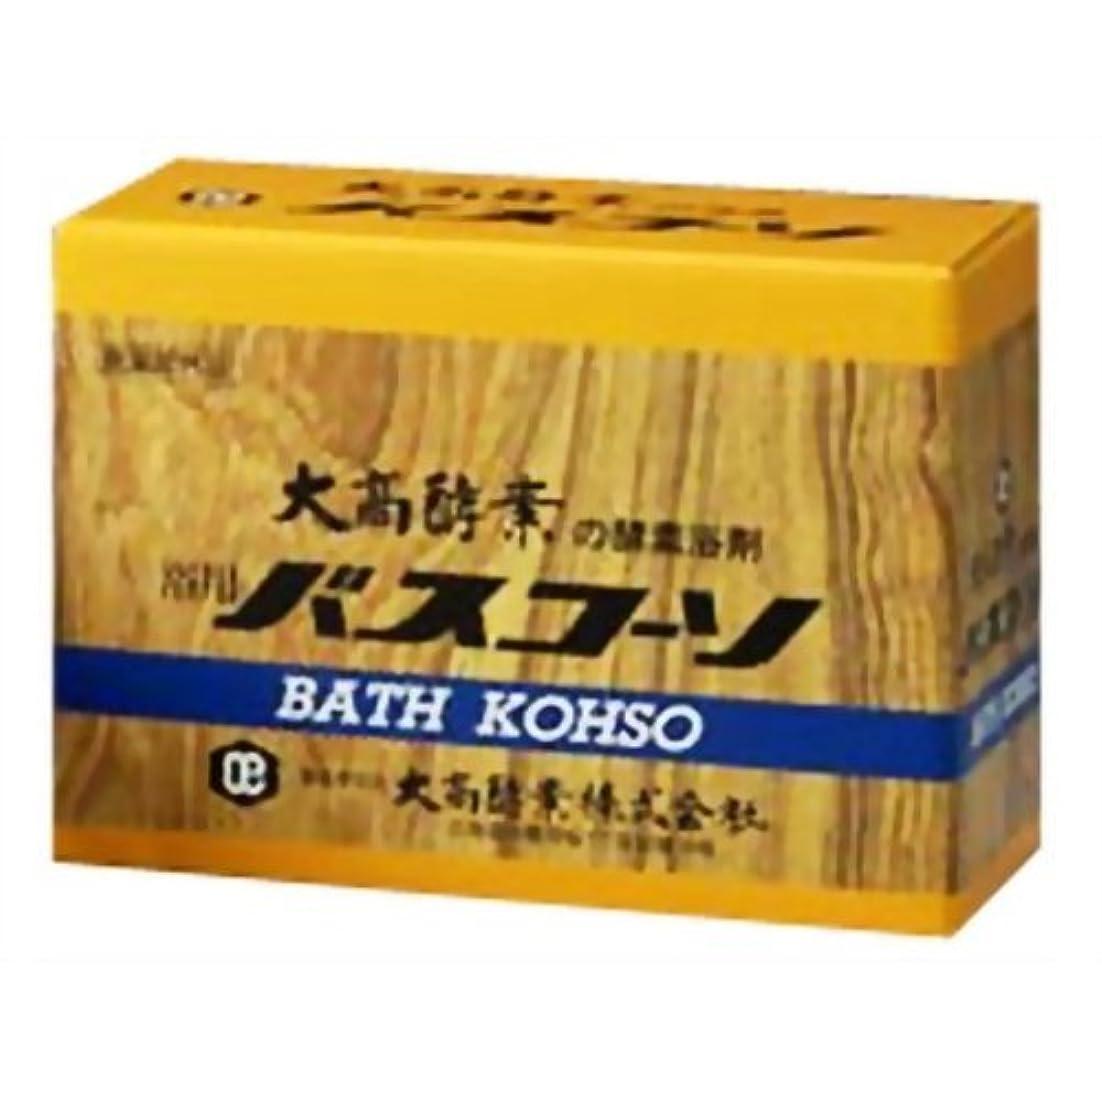 吸収または引き渡す大高酵素 浴用バスコーソ 100gx6